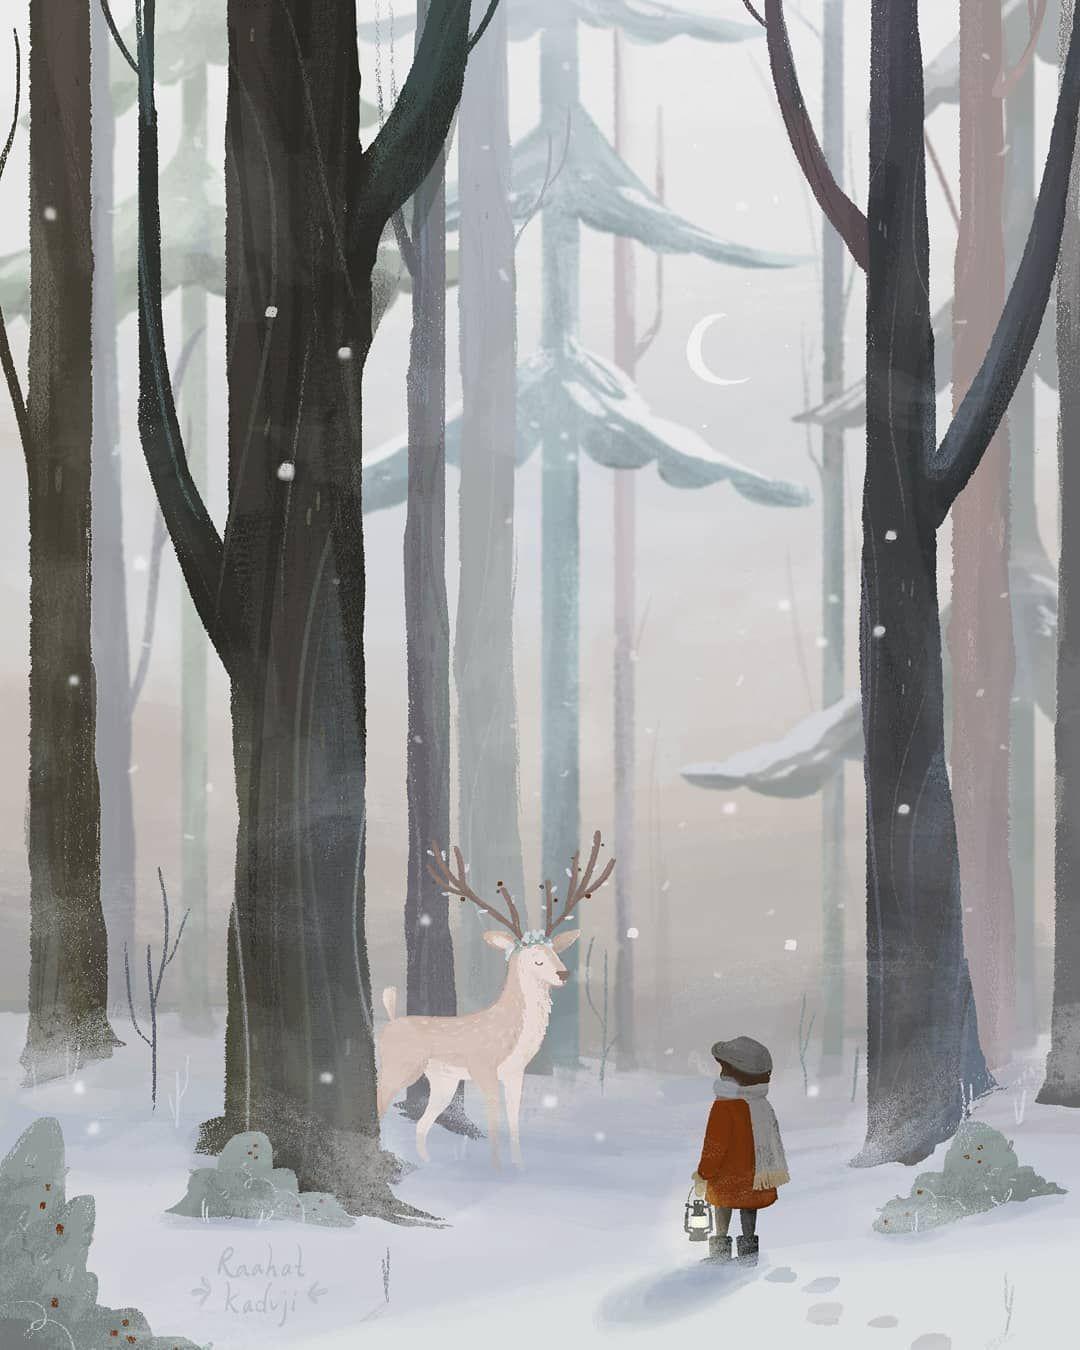 Winter deer reindeer illustration forest forest in snow christmas illus  Winter deer reindeer illustration forest forest in snow christmas illus